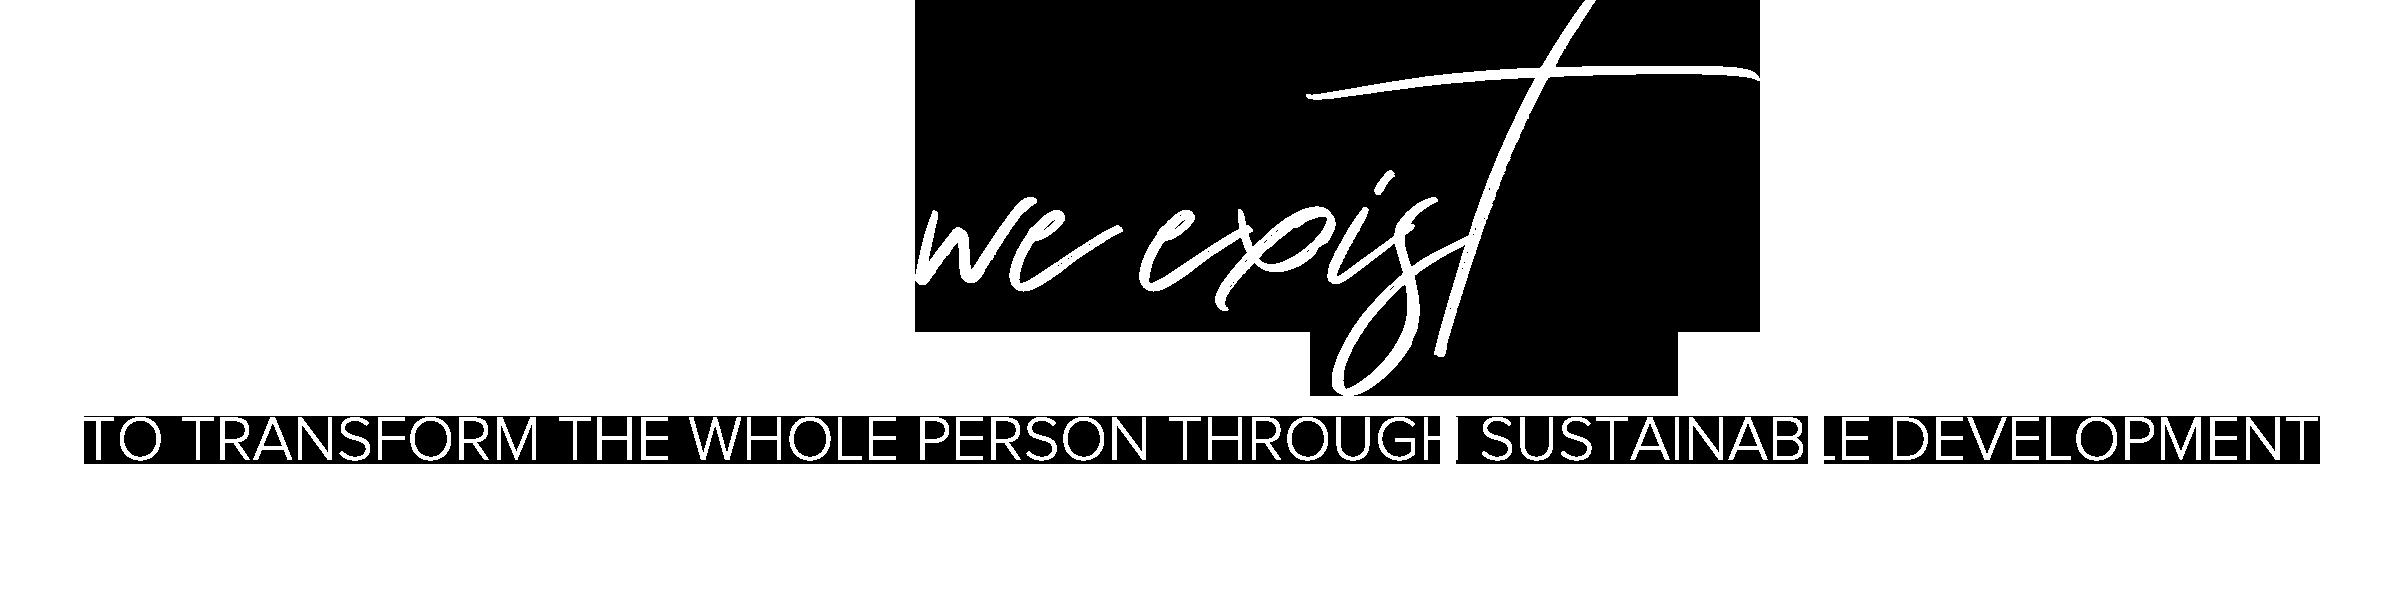 WEEXIST.png